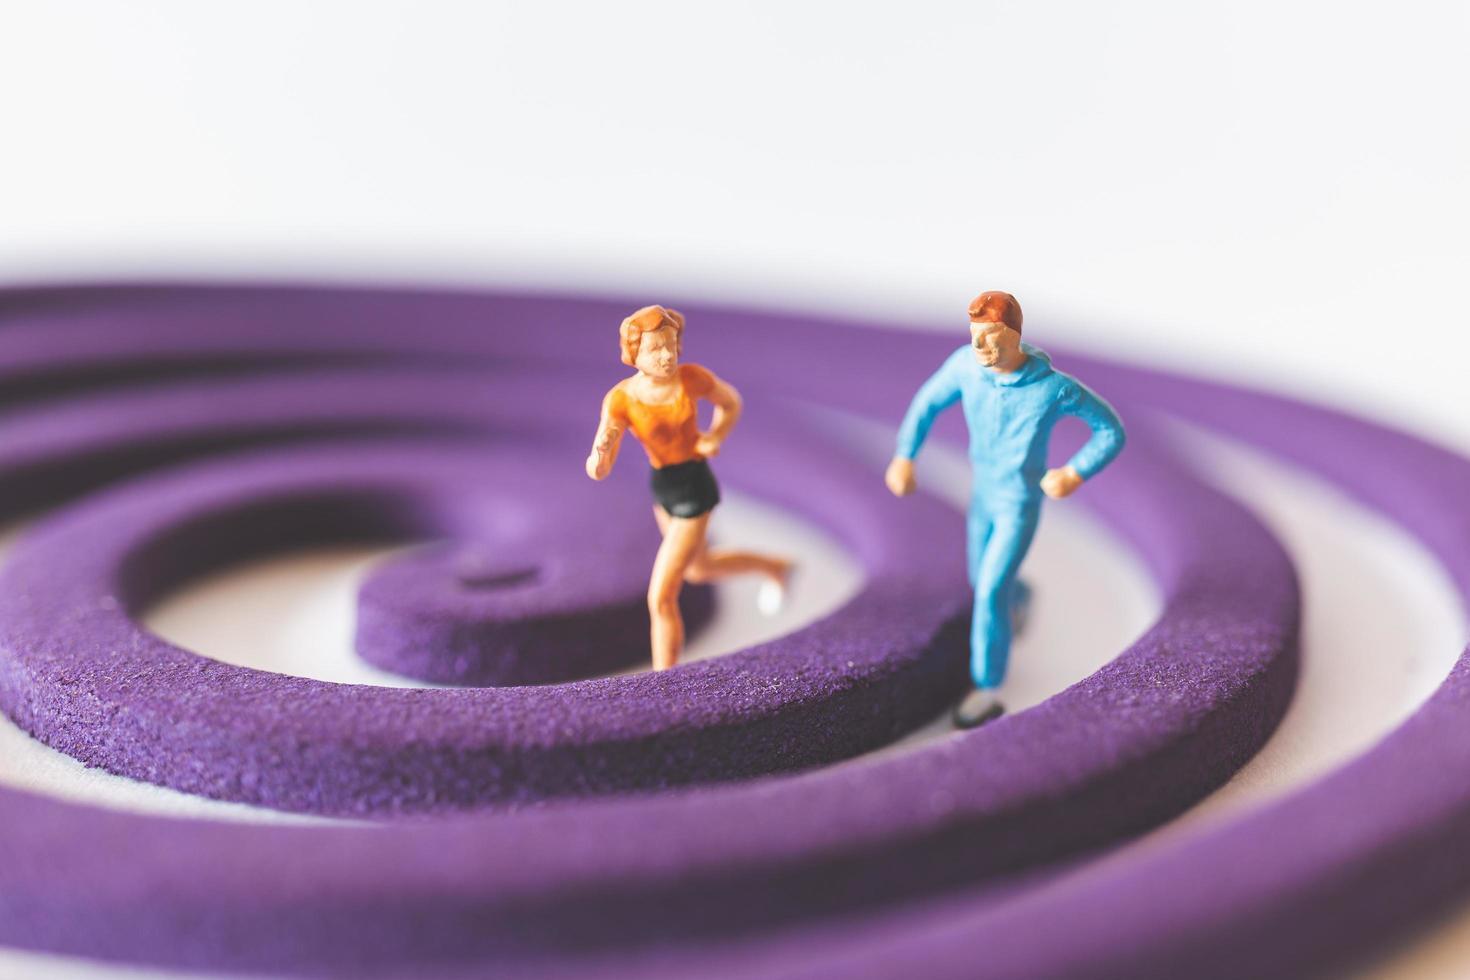 miniatyrpar som kör på ett lila cirkulärt fält foto